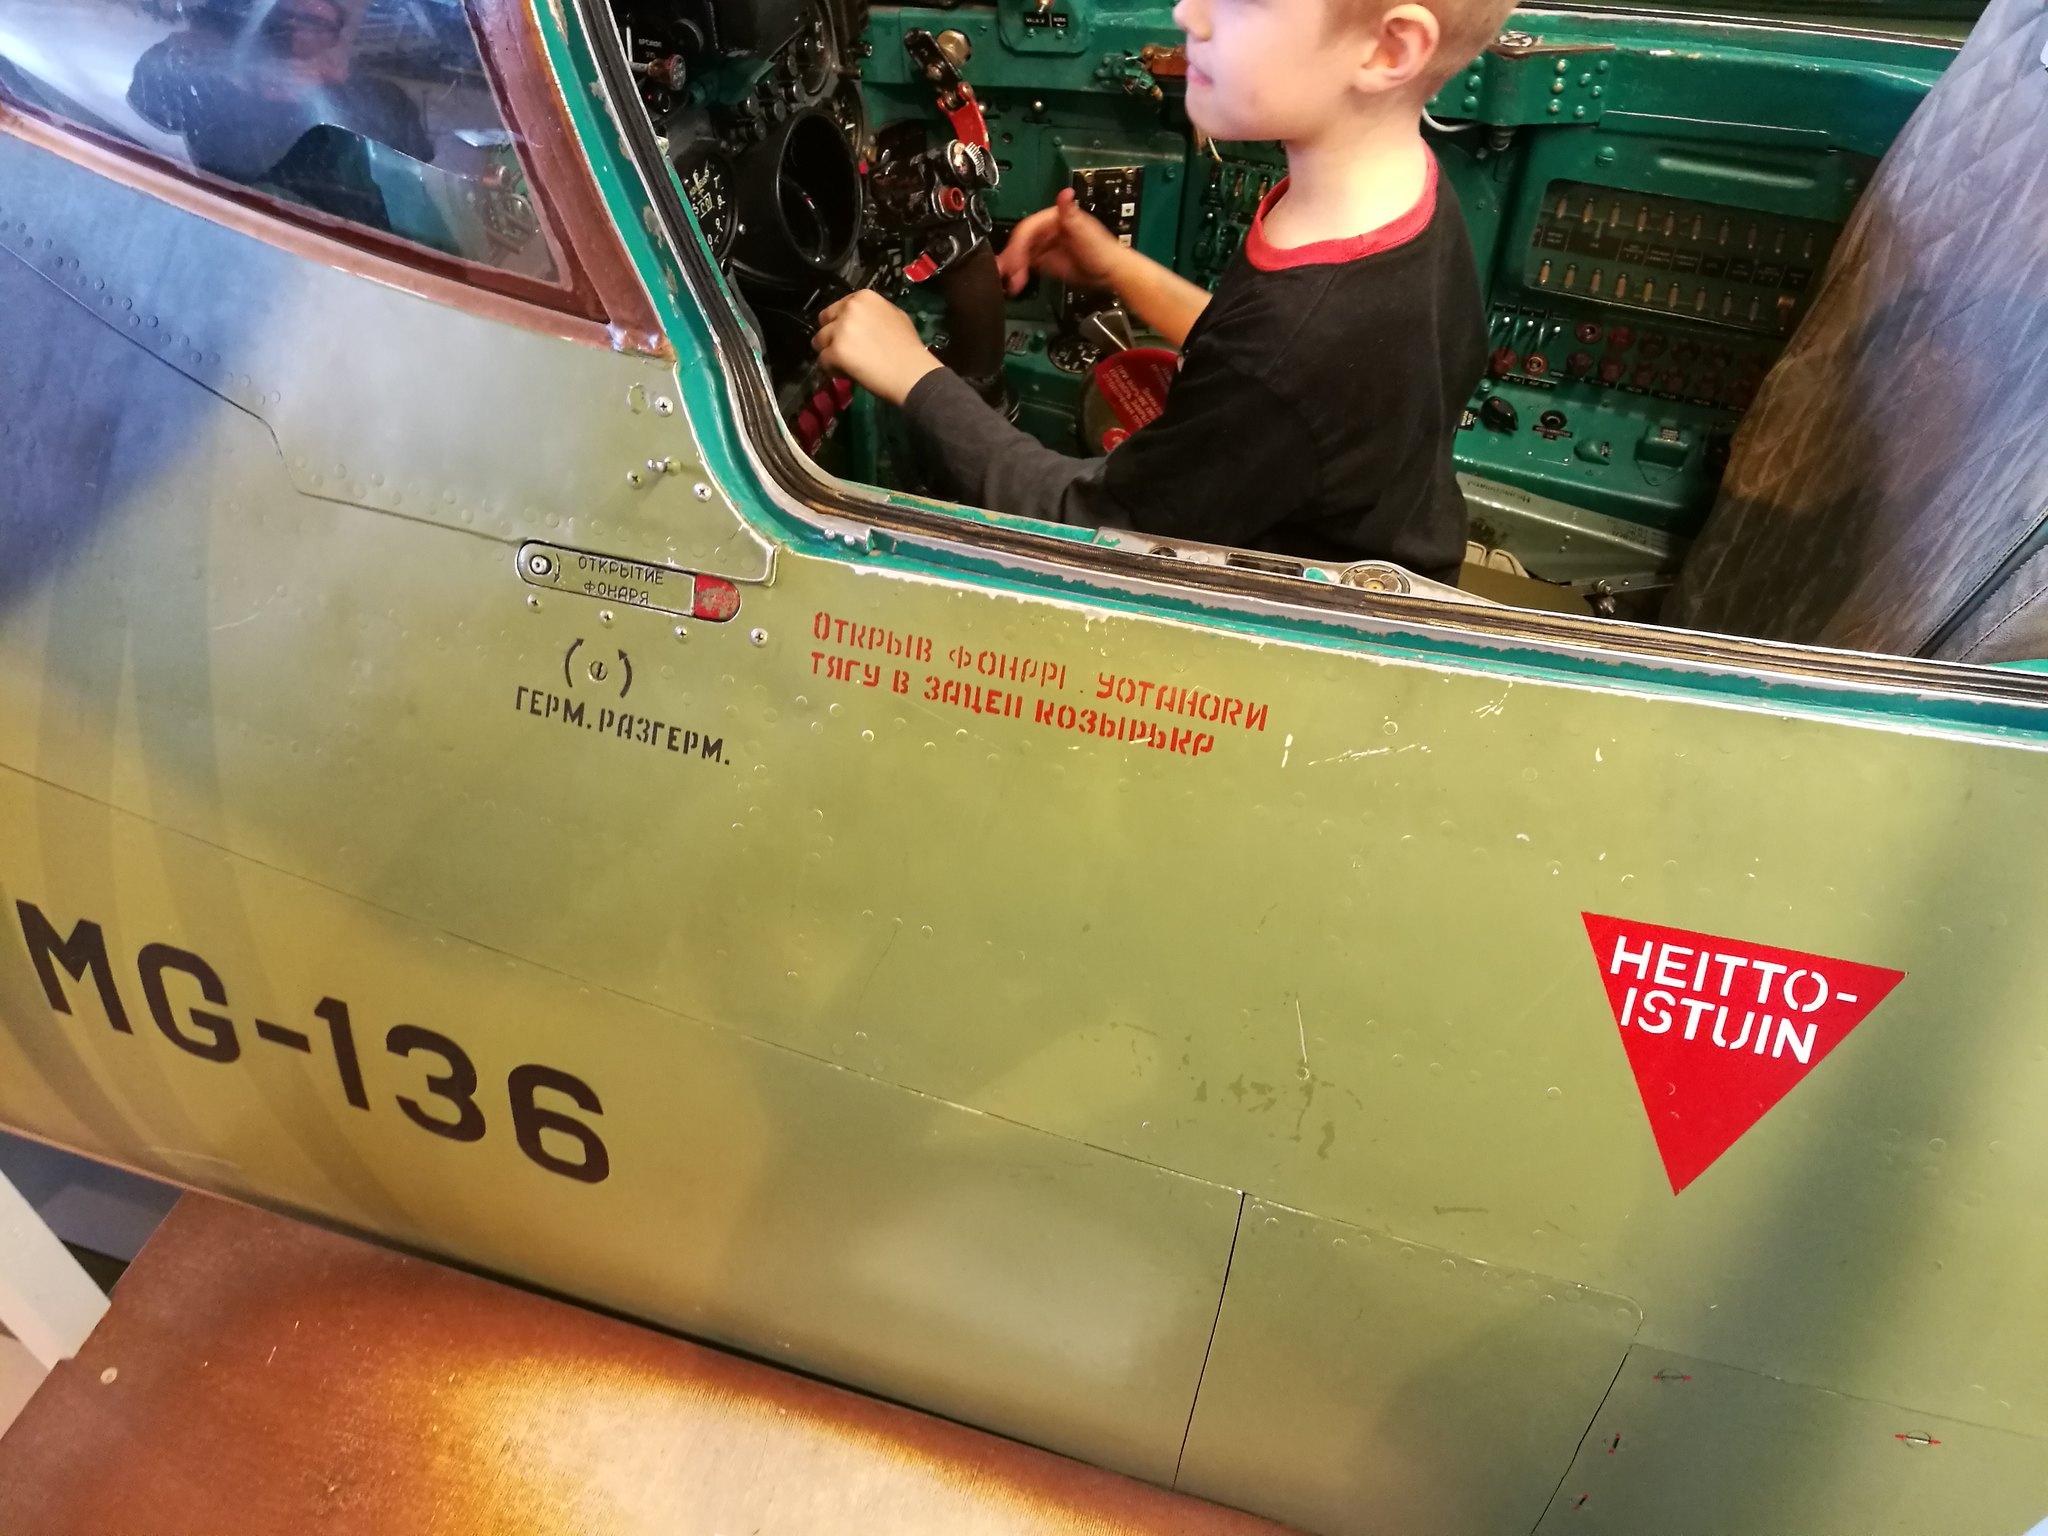 Hemkommen från semester i Finland med utflykt till Finlands Flygvapenmuseum. 48287369396_414de668f8_k